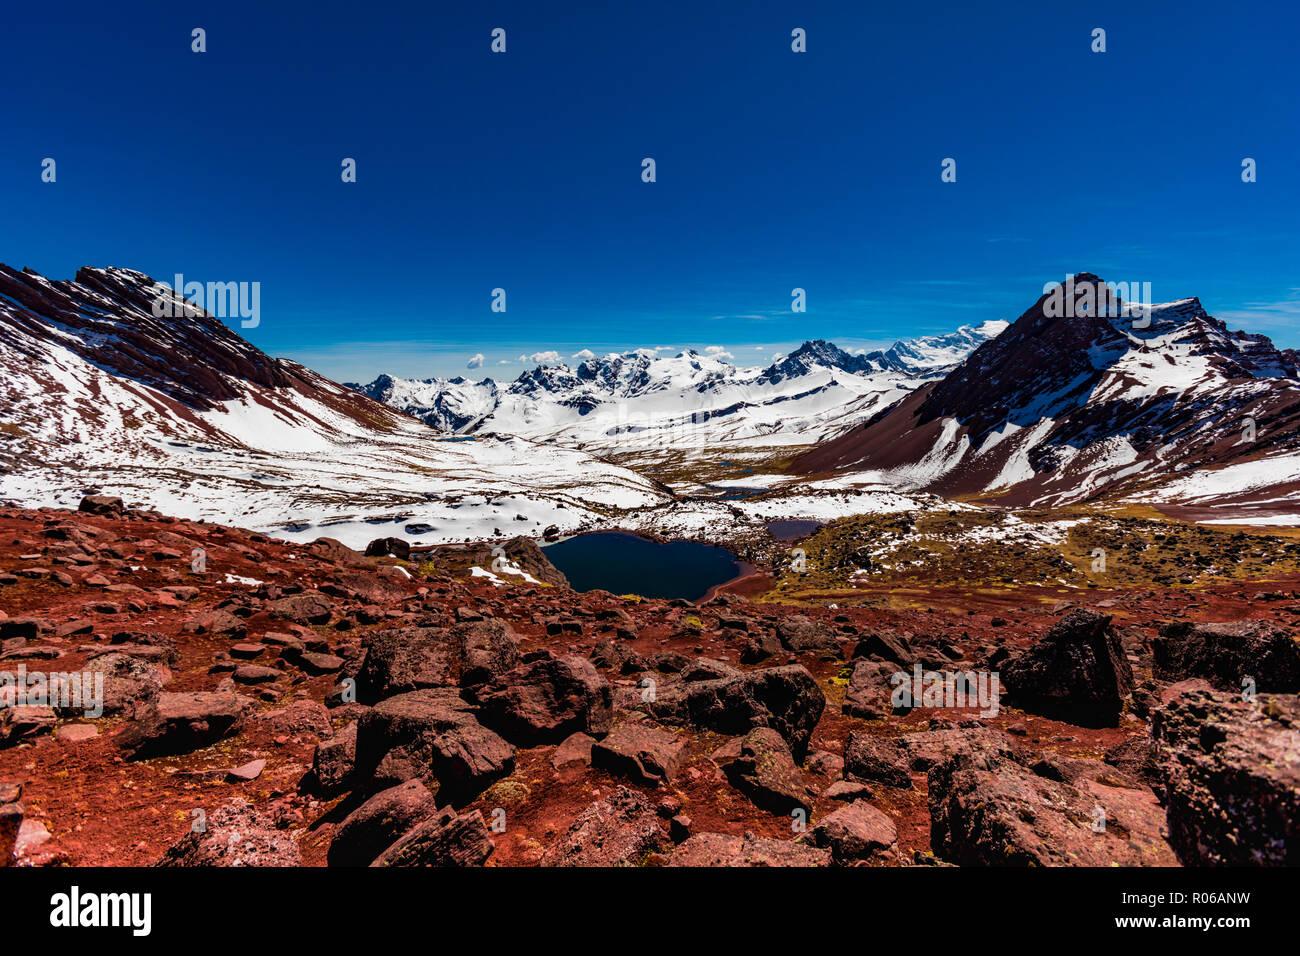 La chaîne de montagne, dans les Andes, le Pérou, Amérique du Sud Photo Stock